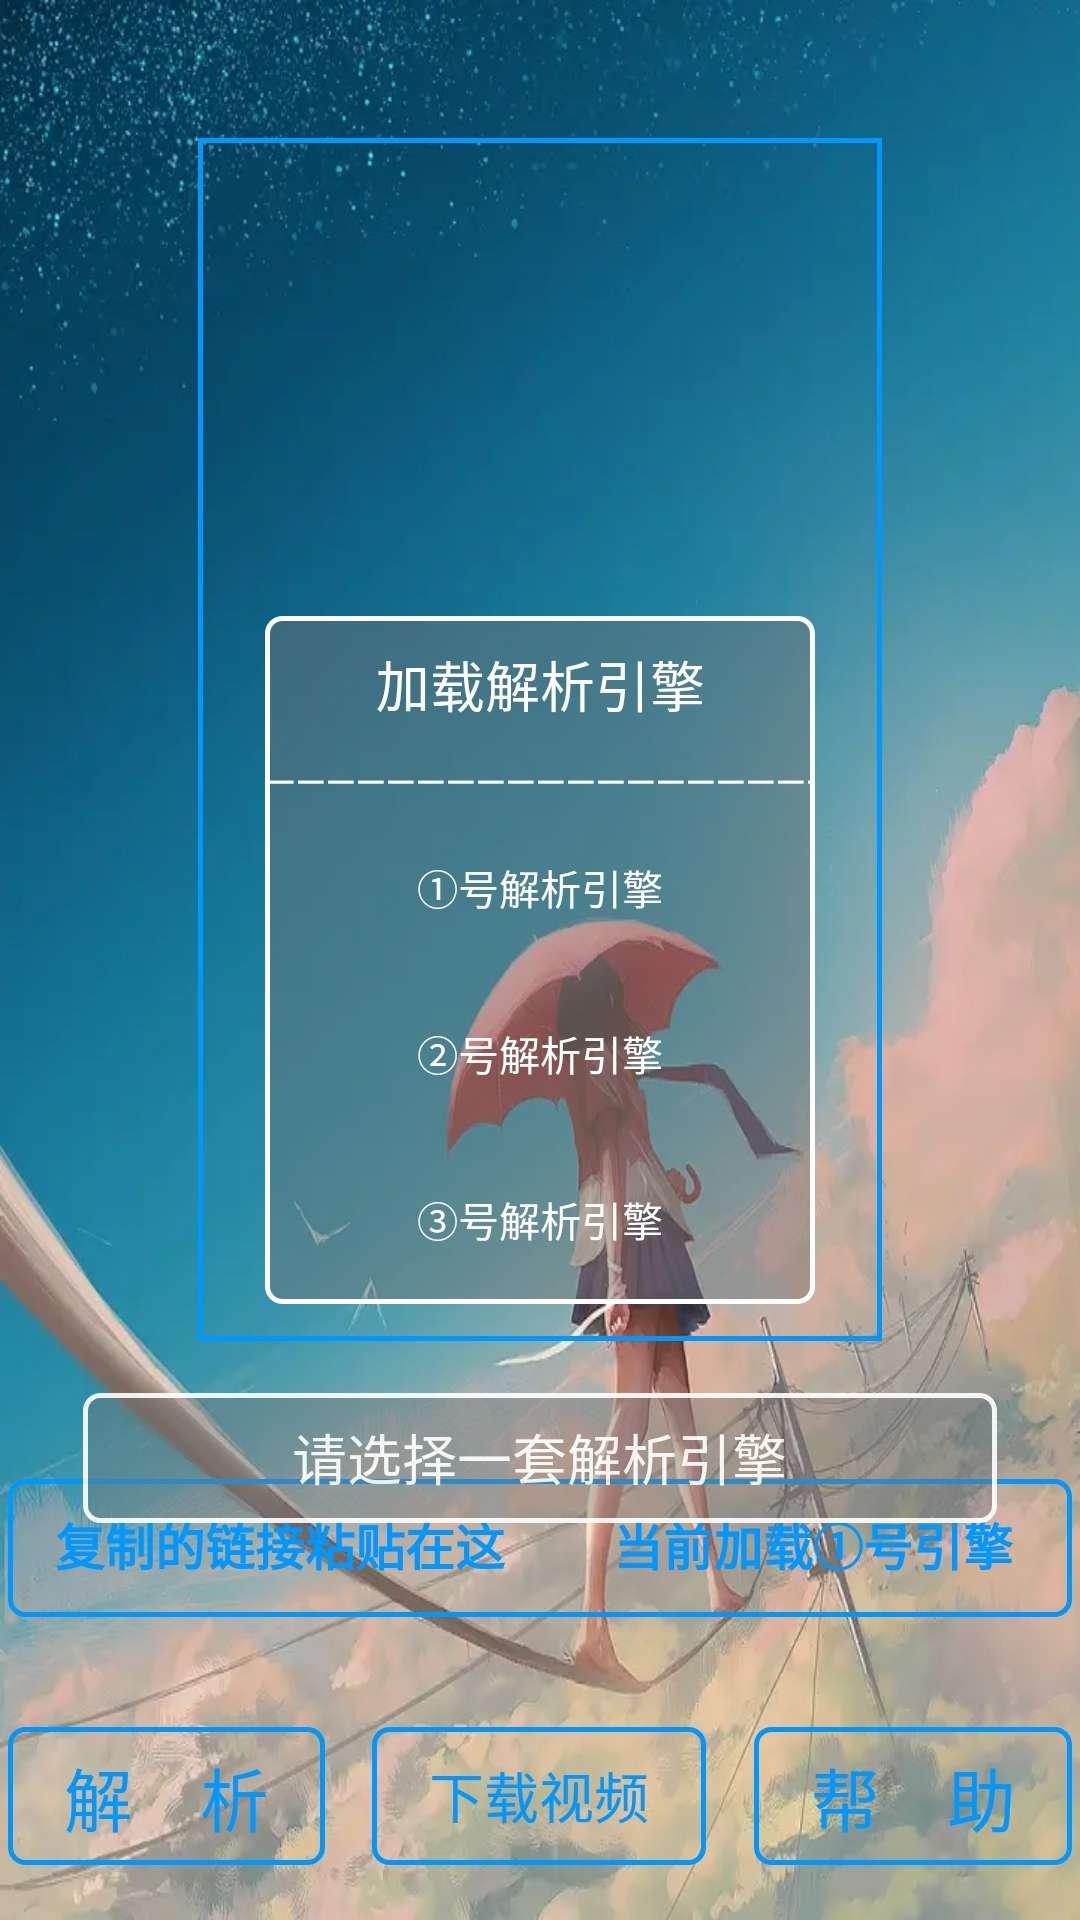 【原创开发】青山解析2.1_短视频/去水印/自定义文件名-爱小助